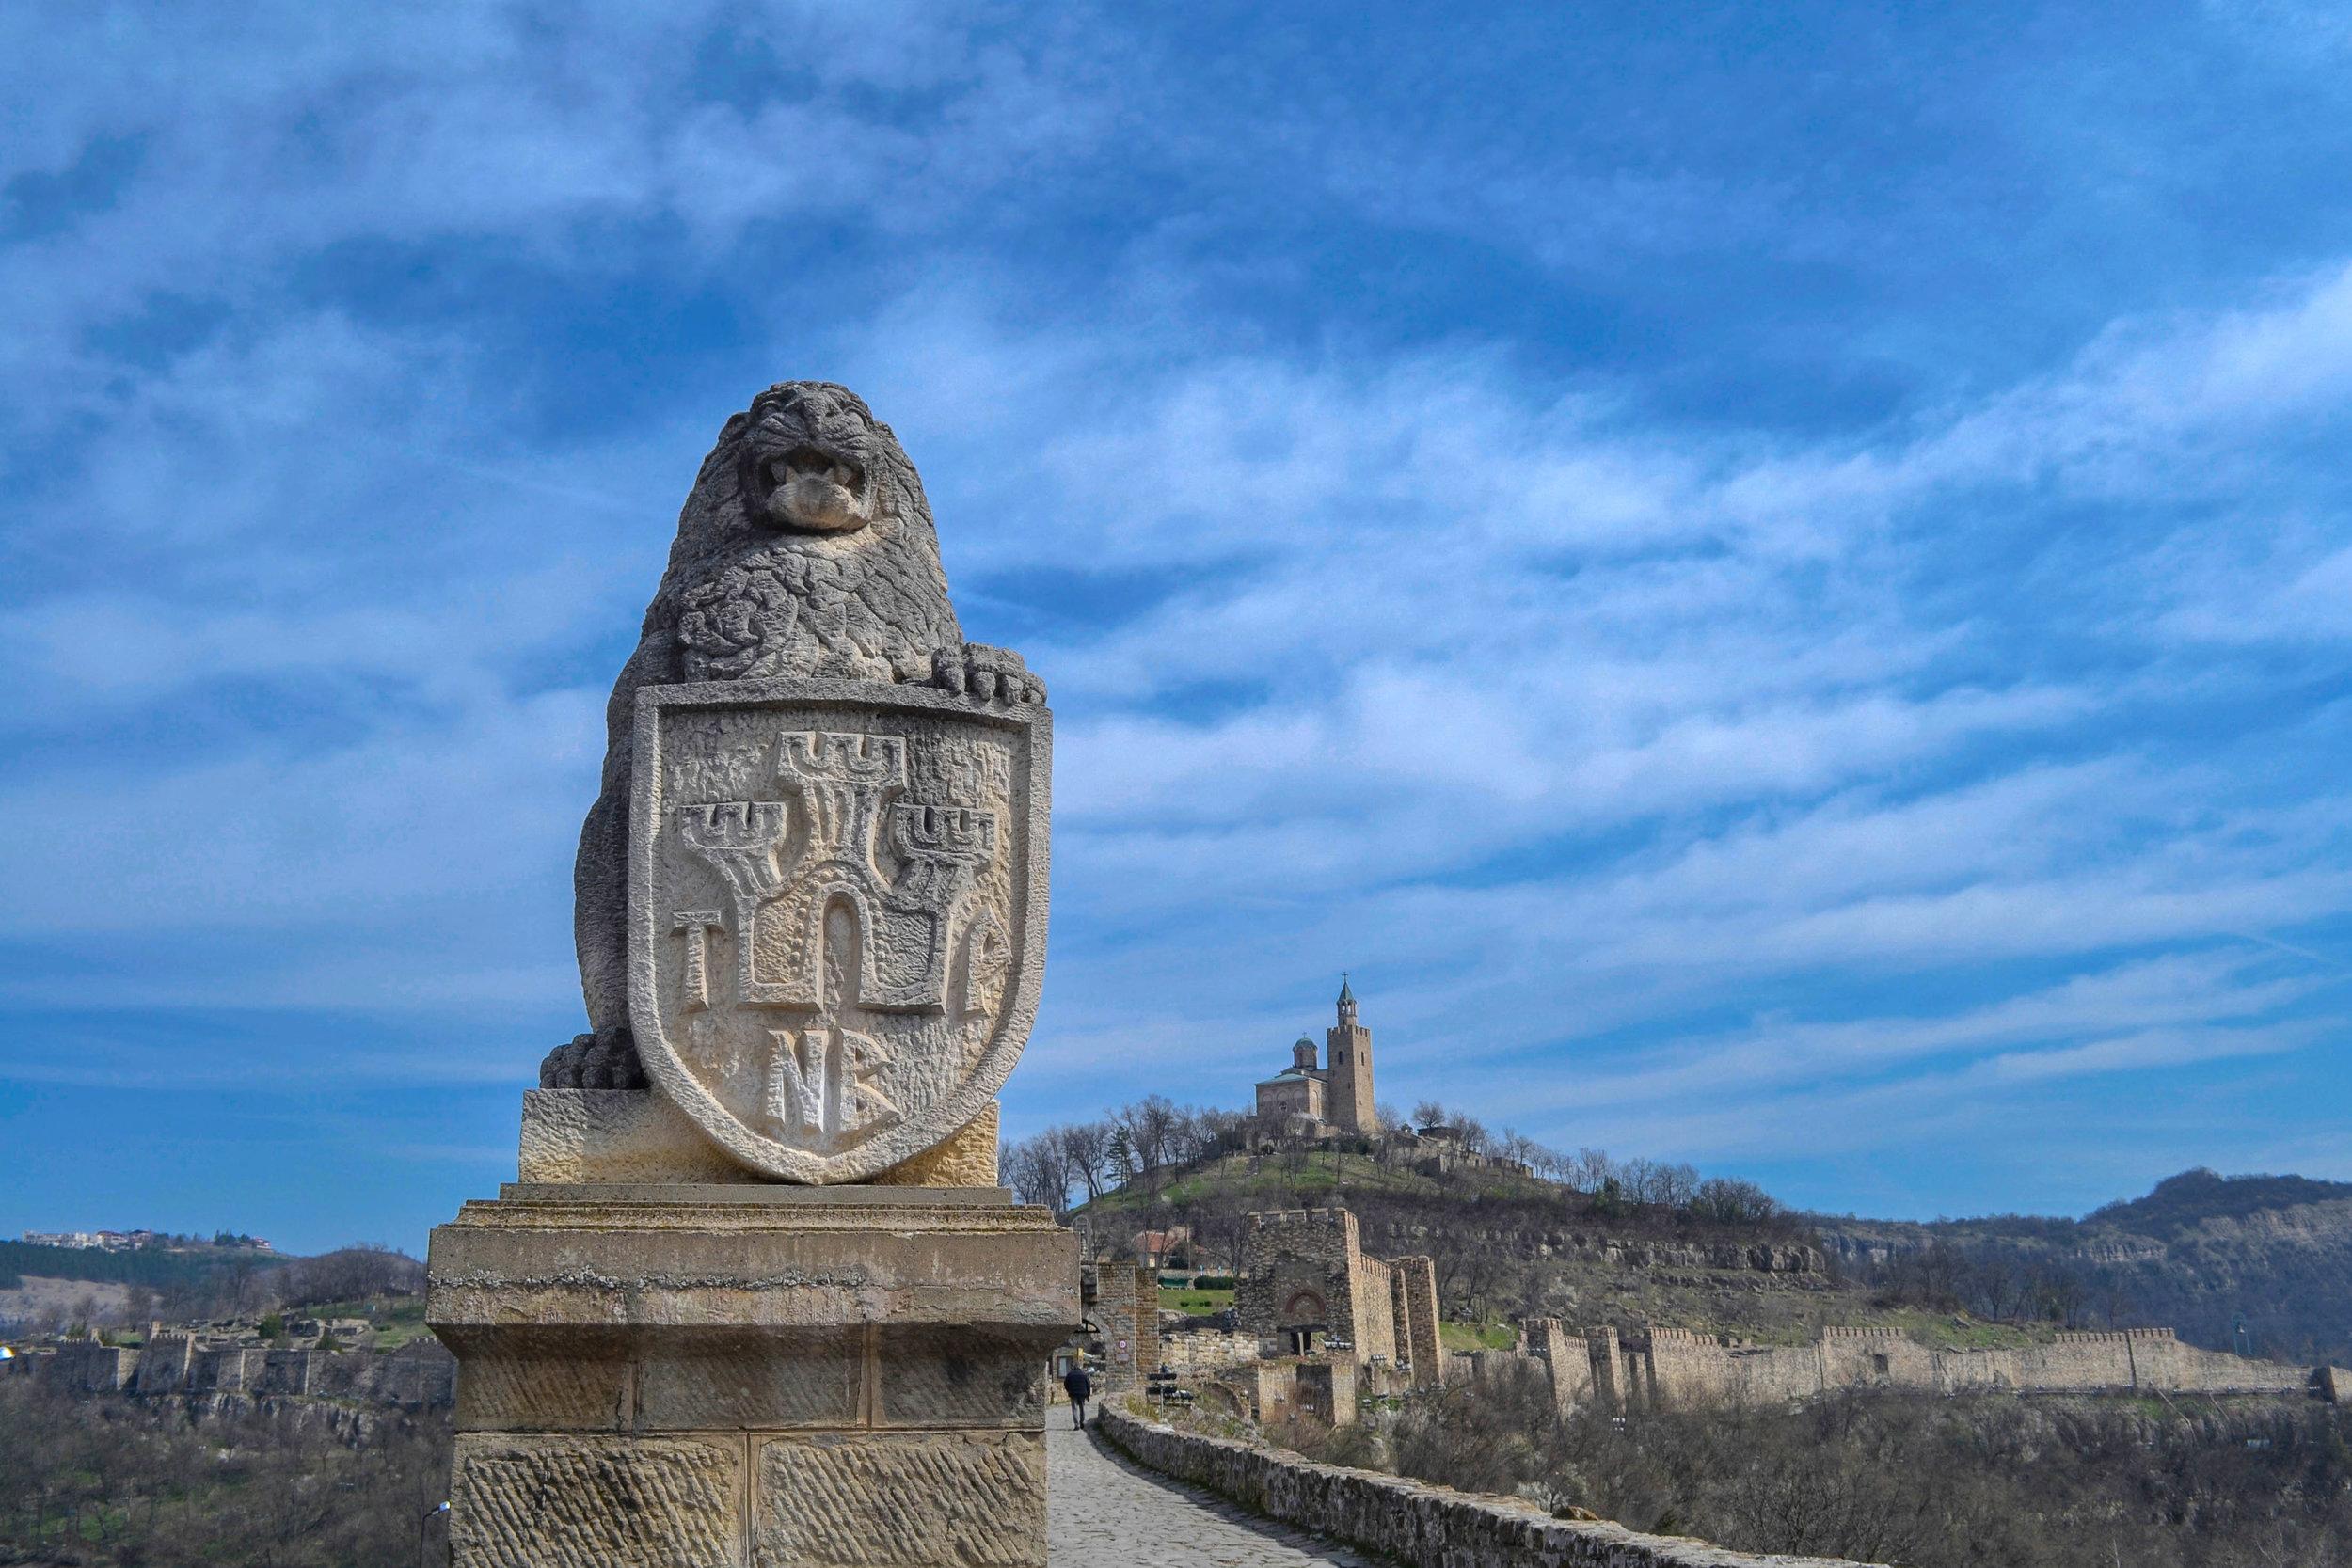 The Veliko Tarnovo Tsarevets in Bulgaria